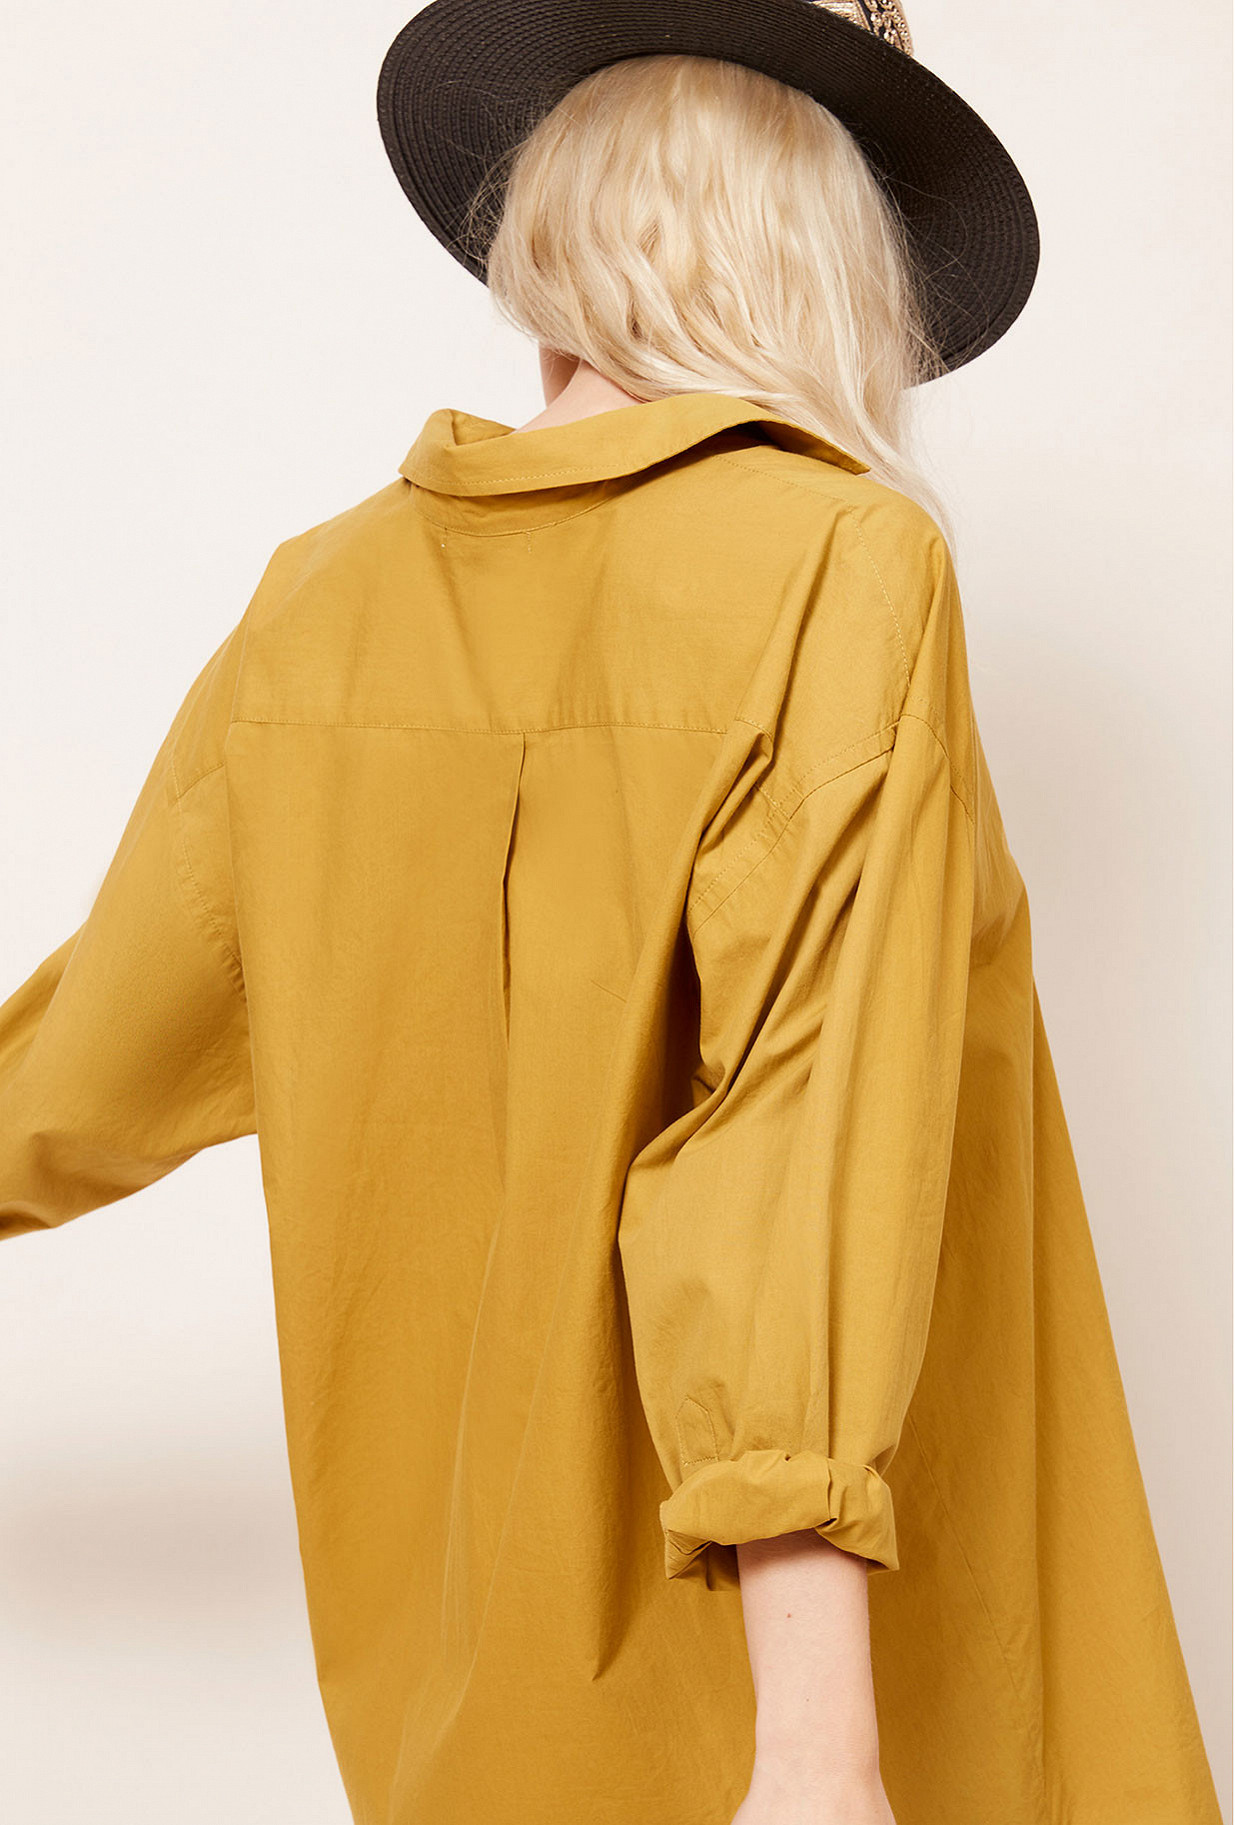 Paris boutique de mode vêtement Chemise créateur bohème  Kamiseta